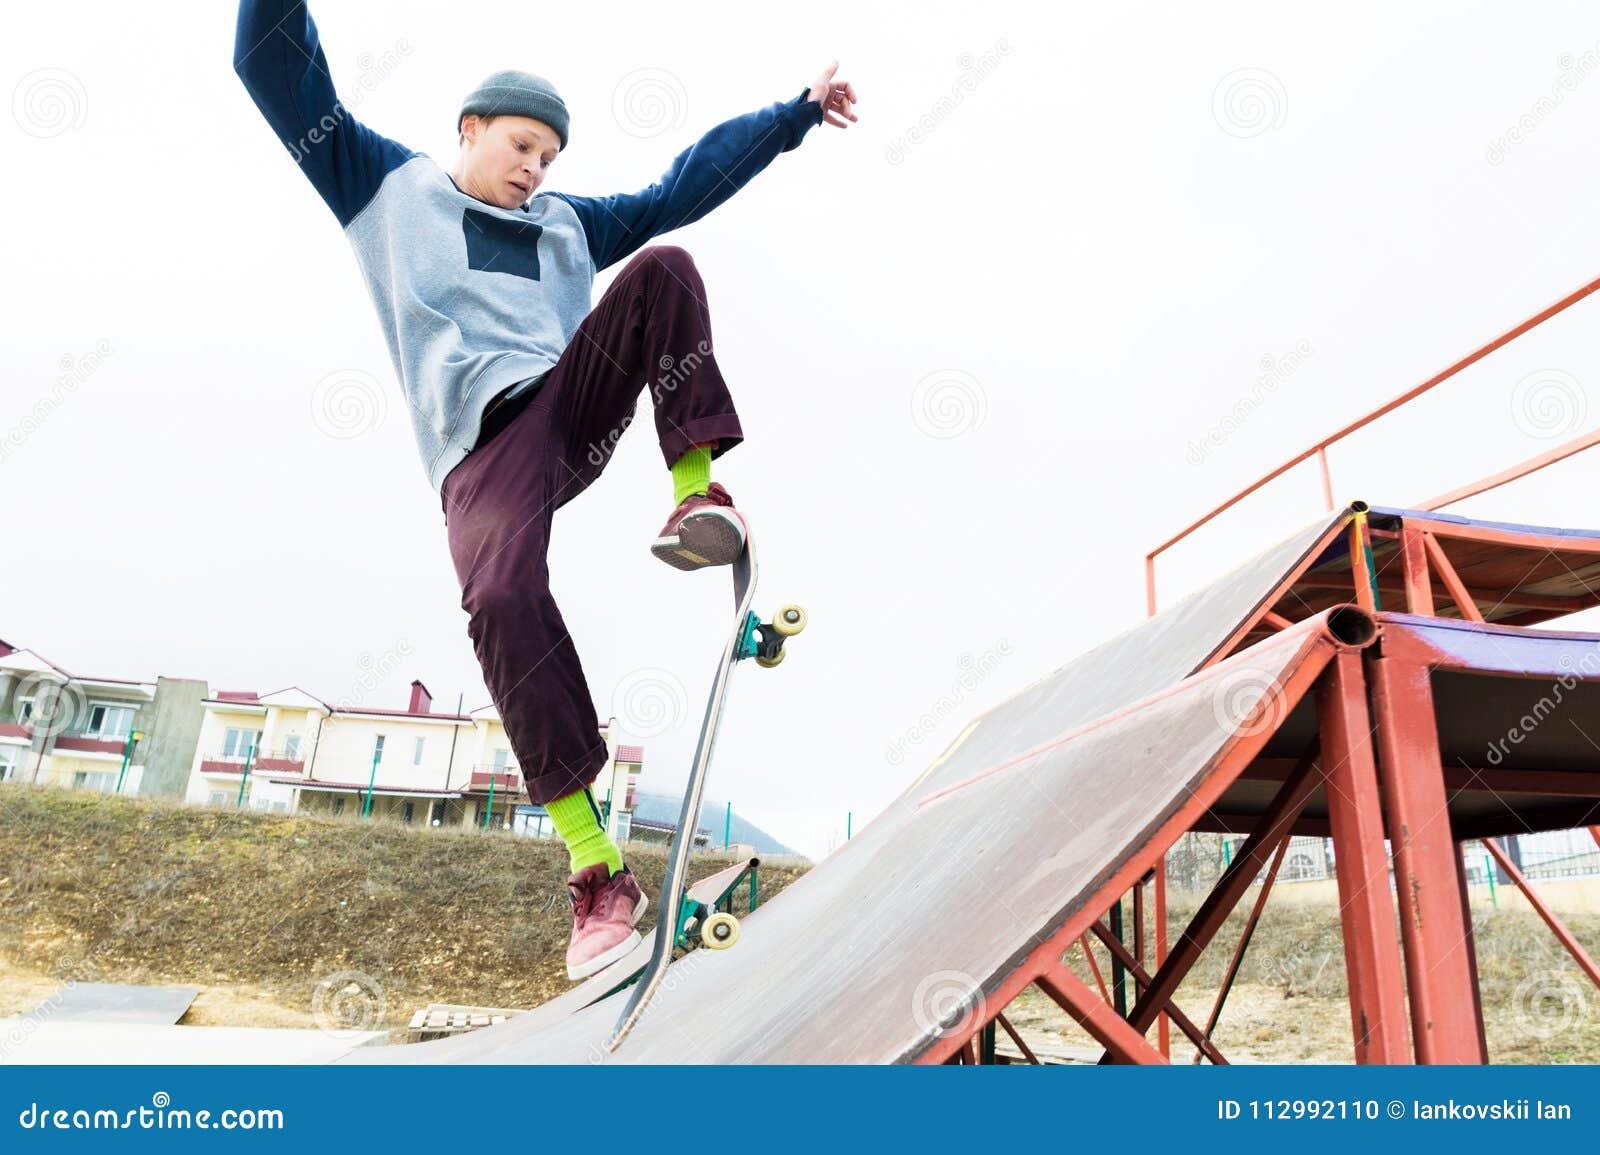 Ein Skateboardfahrerjugendlicher in einem Hut tut einen Trick mit einem Sprung auf der Rampe Ein Skateboardfahrer fliegt in die L